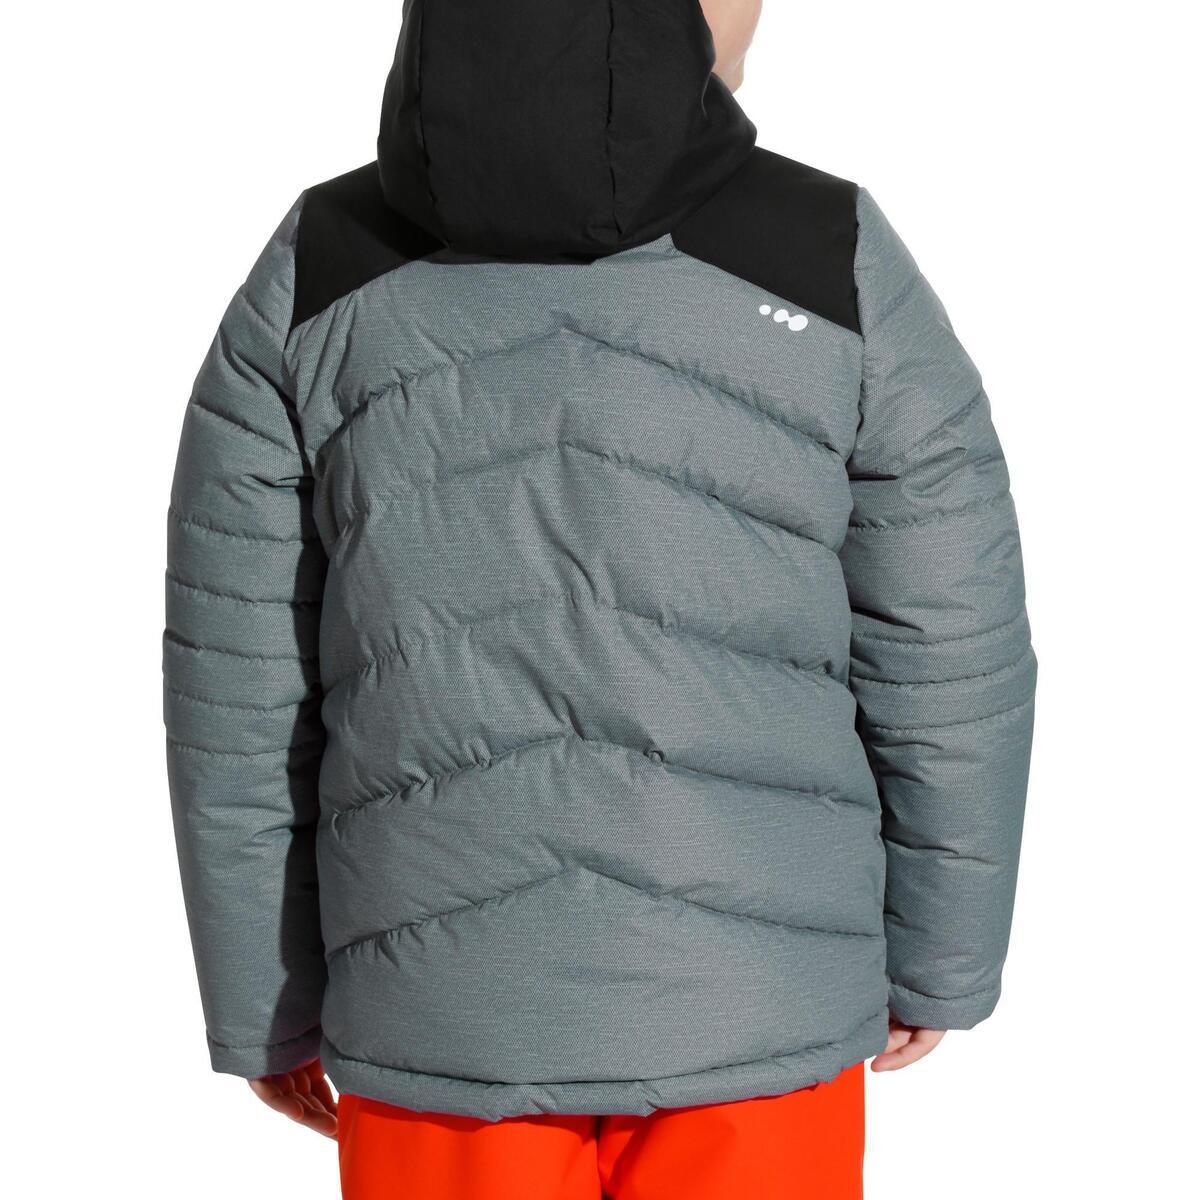 Bild 3 von Skijacke Warm 500 Kinder grau/schwarz